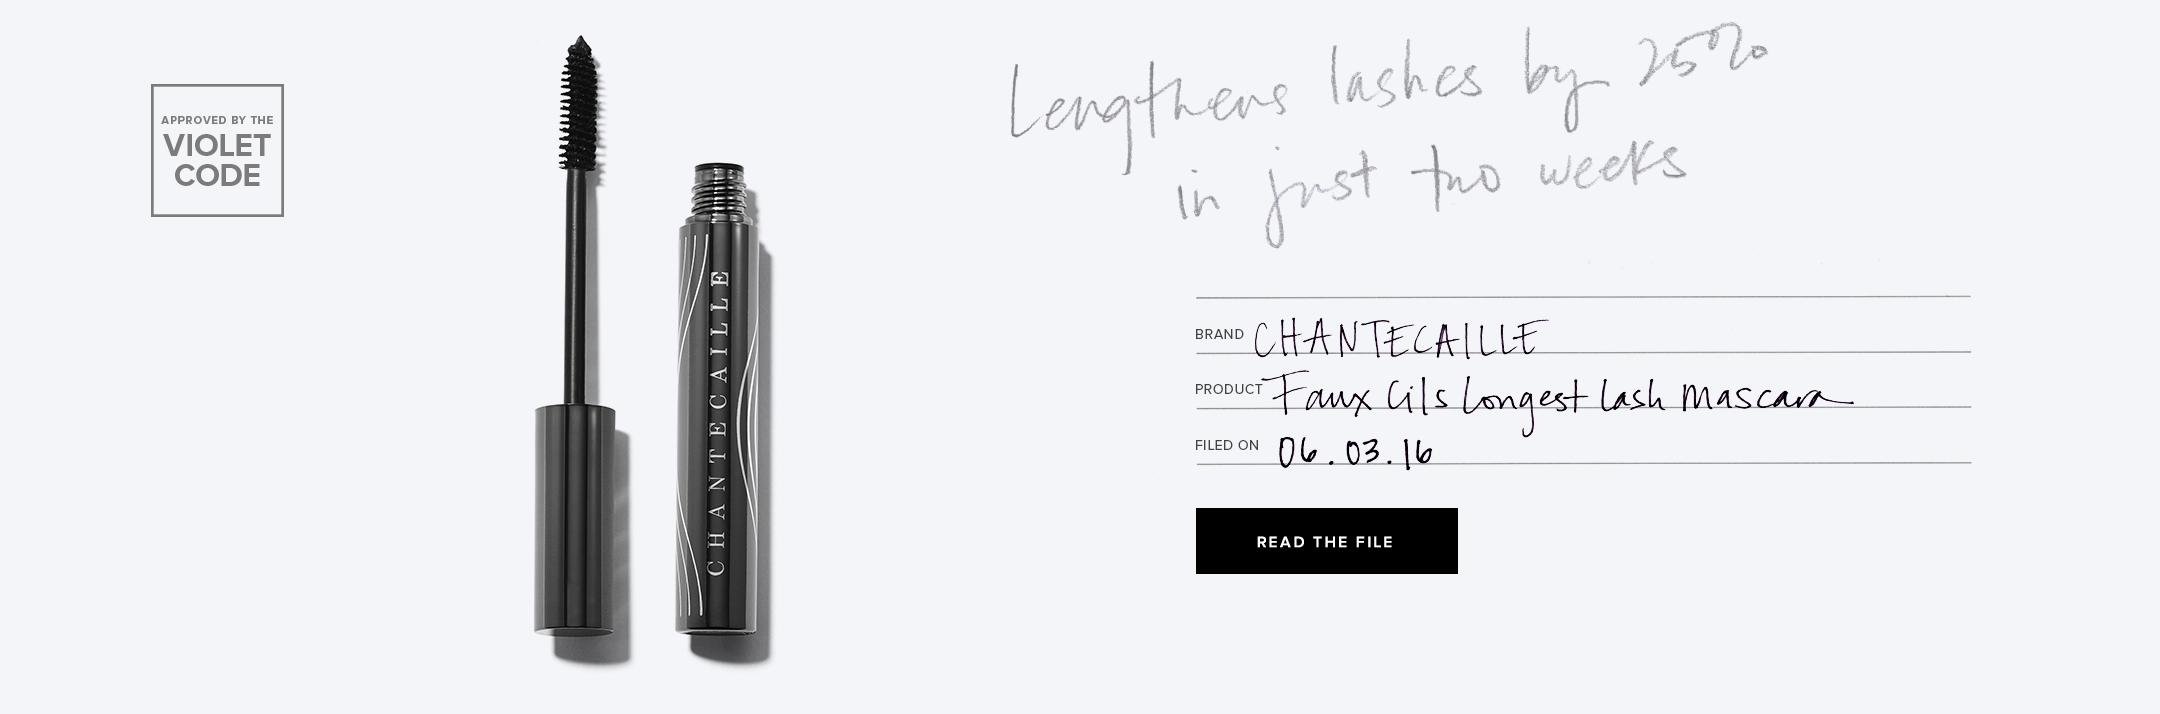 chantecaille-faux-cils-longest-lash-mascara-interstitial.jpg